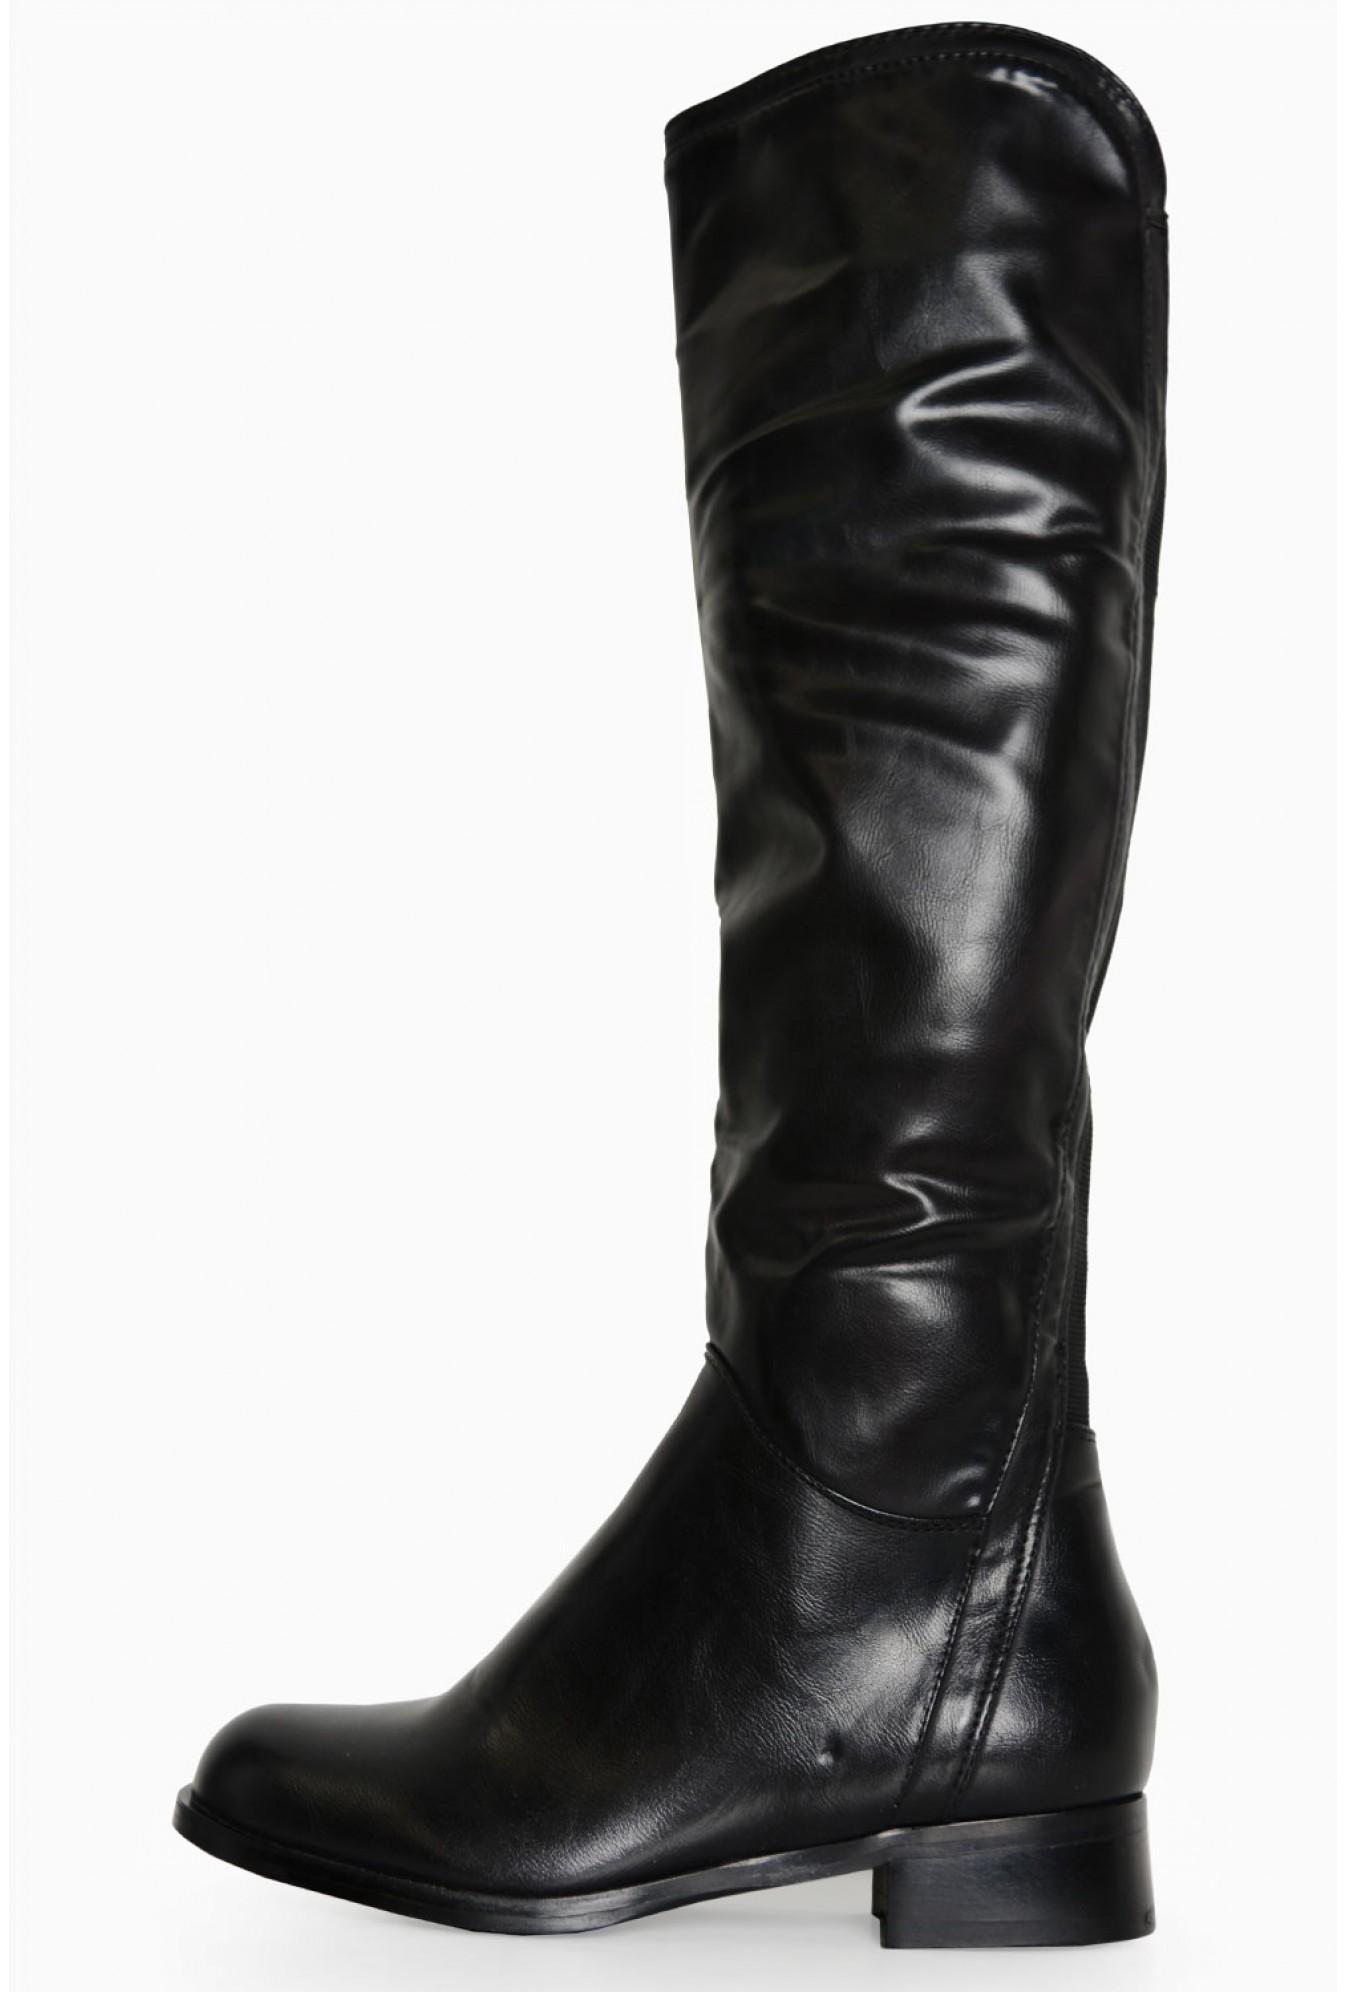 67847af3 Lena Over The Knee Boots in Black